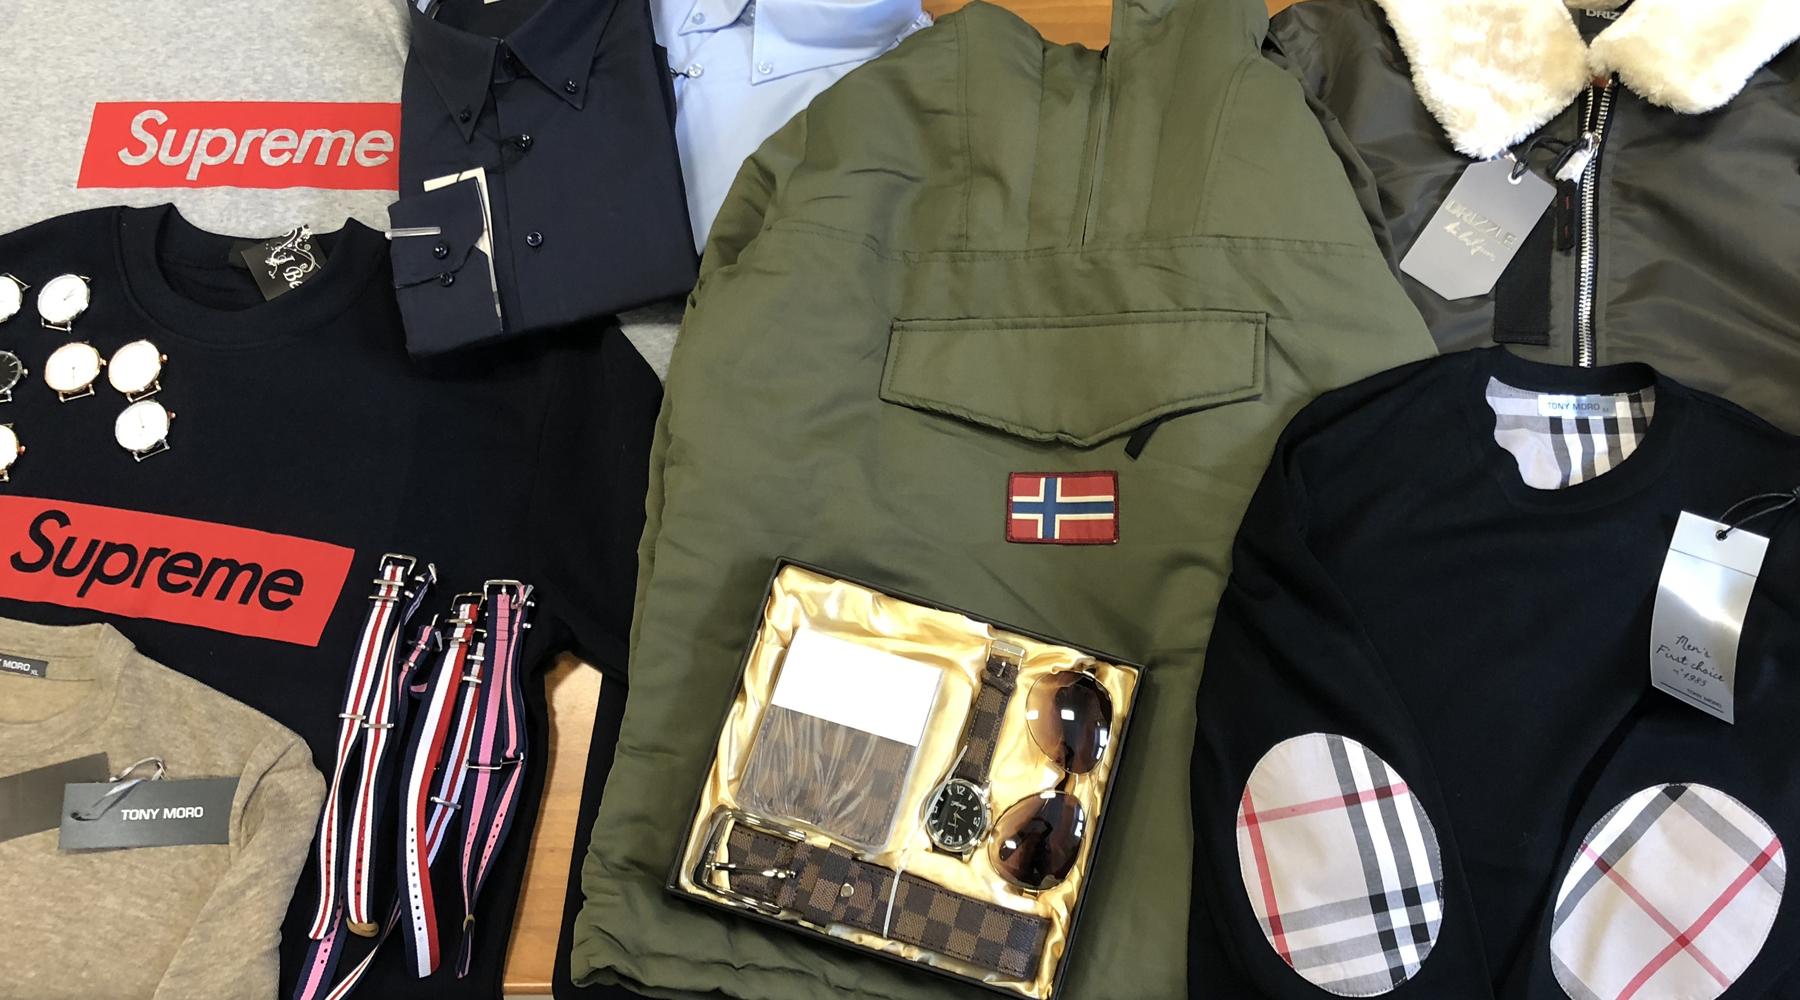 96831ab6711f ... controllato un soggetto di nazionalità italiana in possesso di svariati capi  e accessori contraffatti di rinomate griffe del settore dell abbigliamento